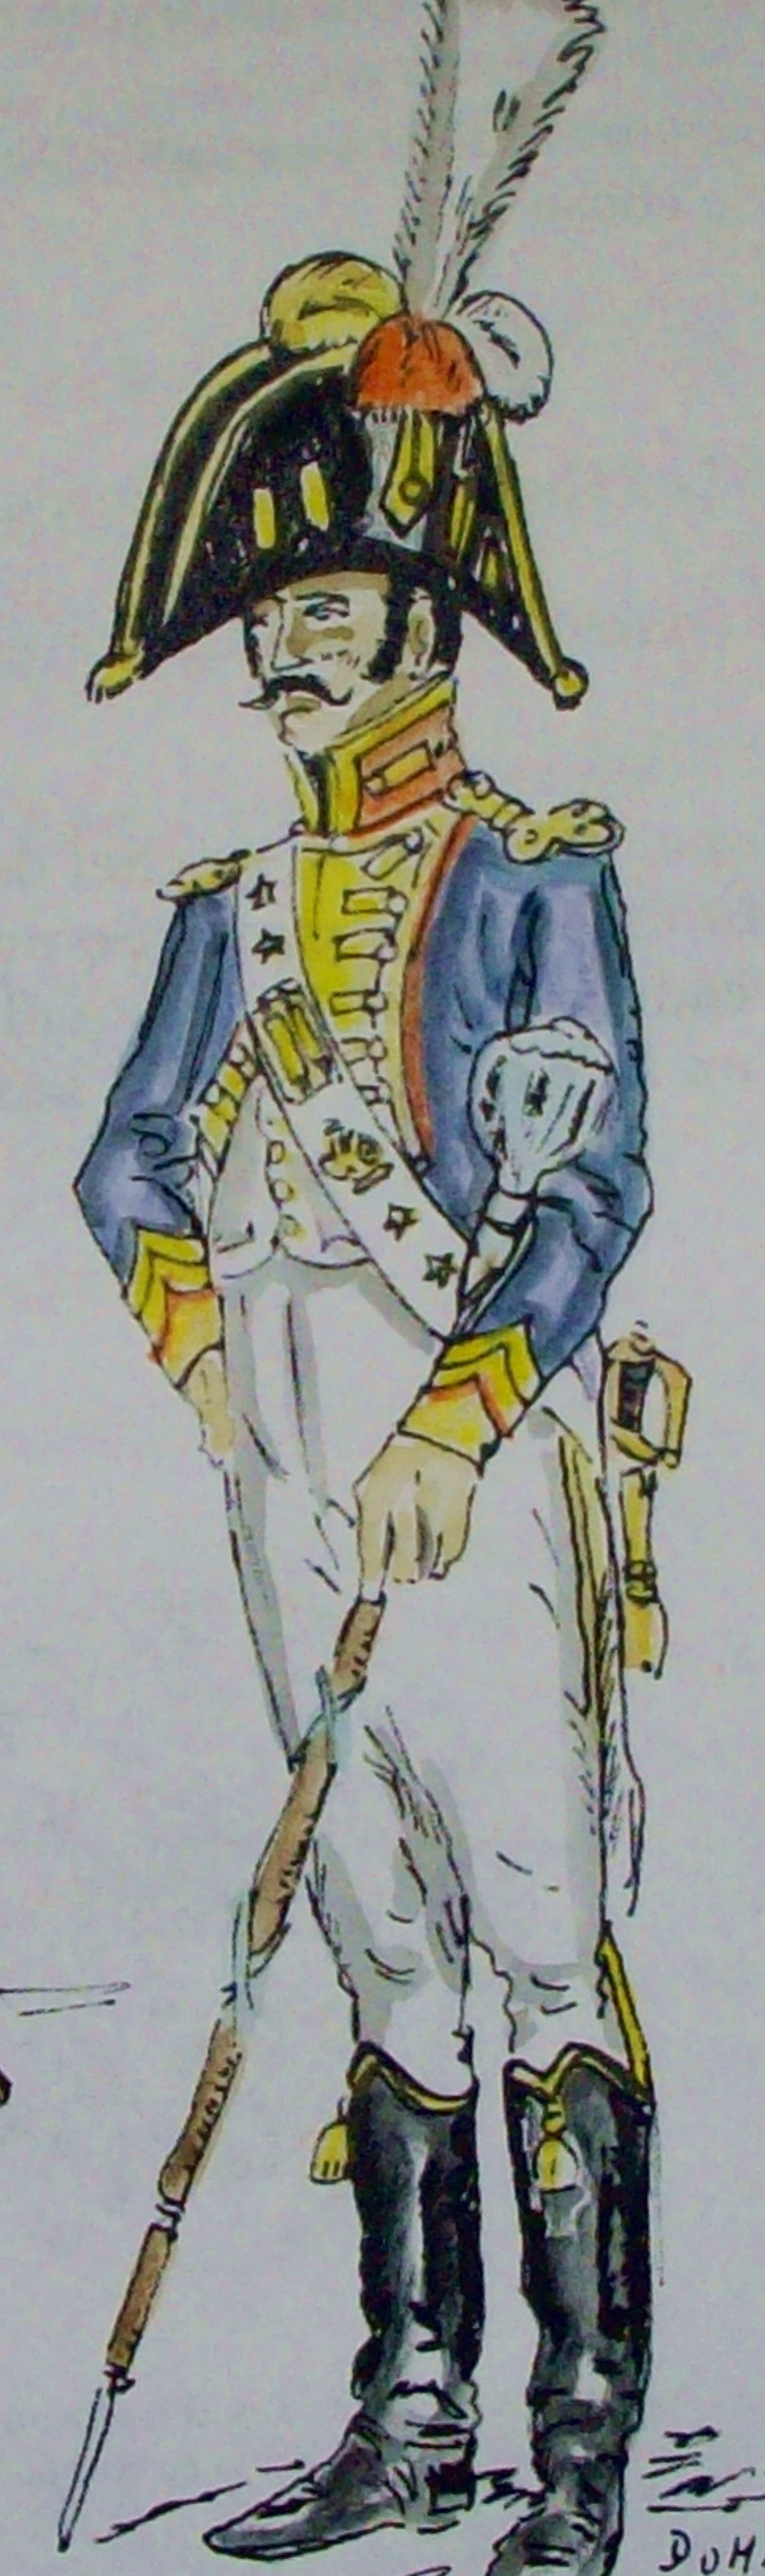 tambour major de la garde d 39 honneur de grenoble uniformes 1 empire france pinterest. Black Bedroom Furniture Sets. Home Design Ideas